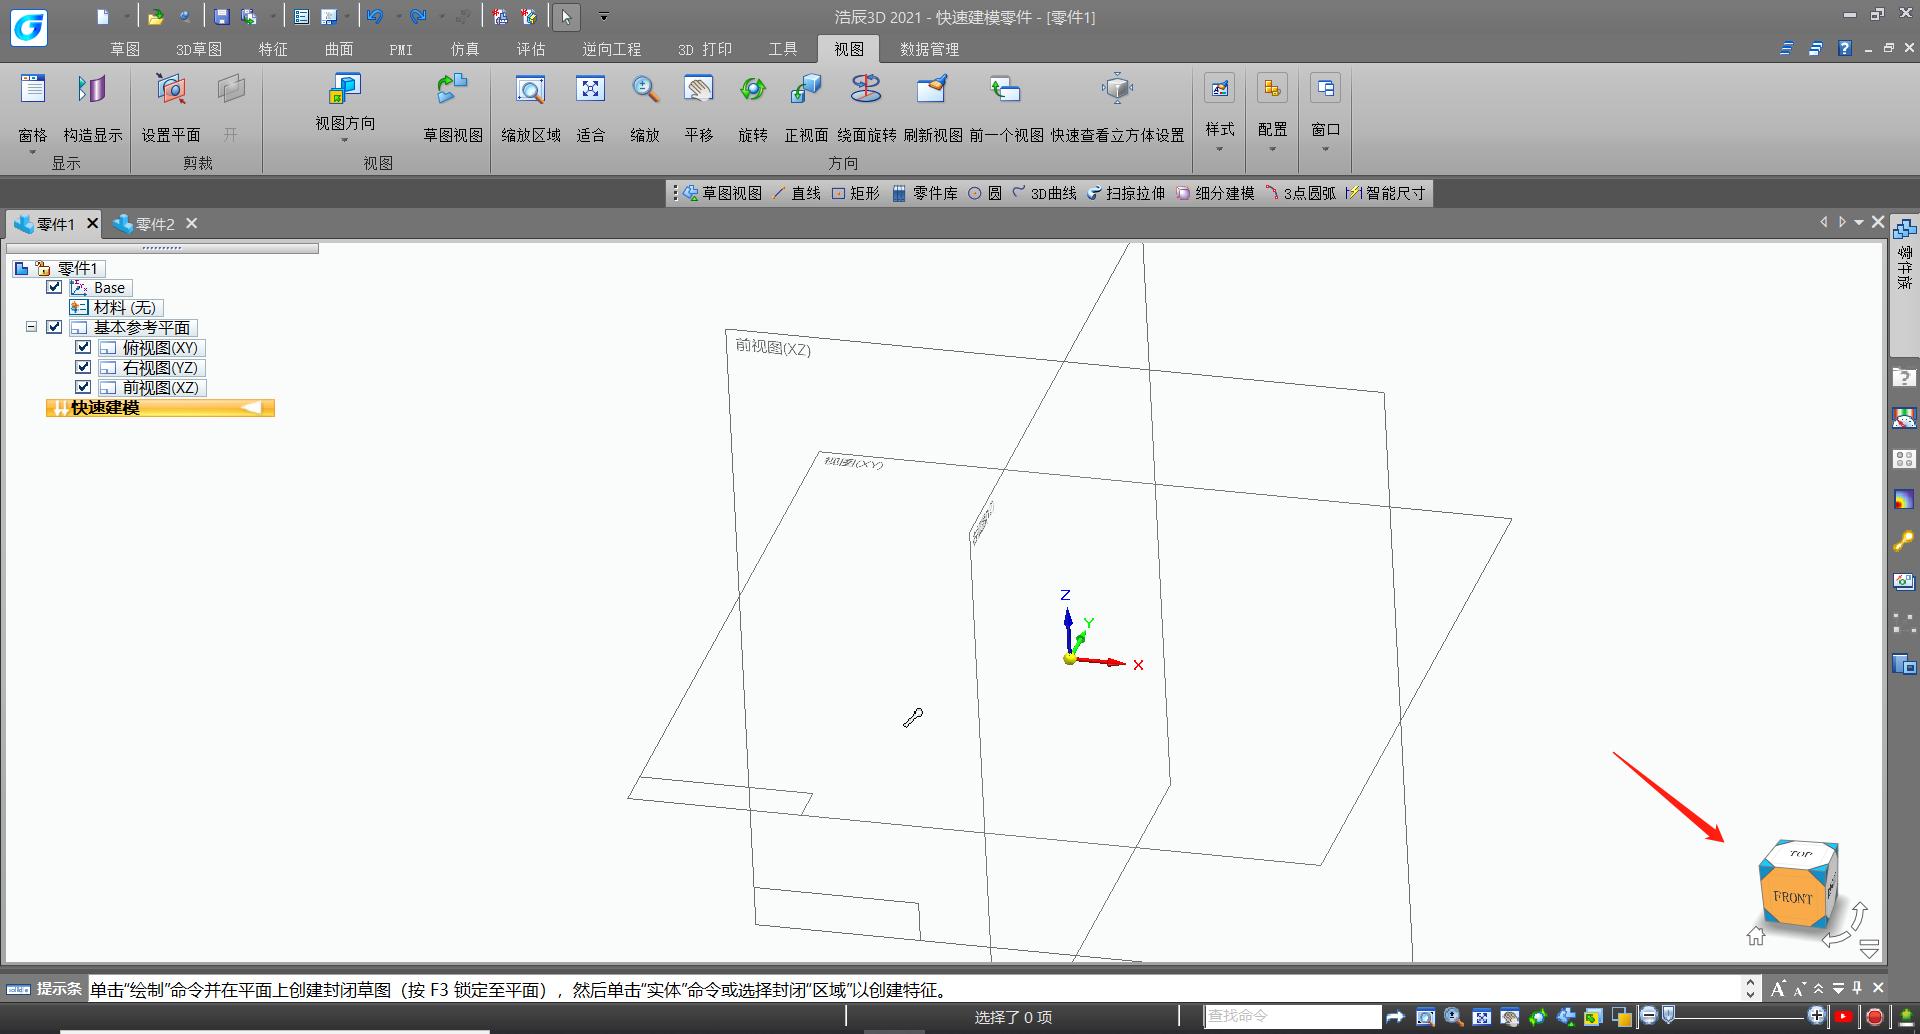 在CAD绘图过程中,设计师为了提高绘图效率,经常会用到各种CAD快捷键命令;同样的浩辰3D软件为了提高用户日常设计效率,提供了很多3D快捷键命令,实现键盘与鼠标联合使用。